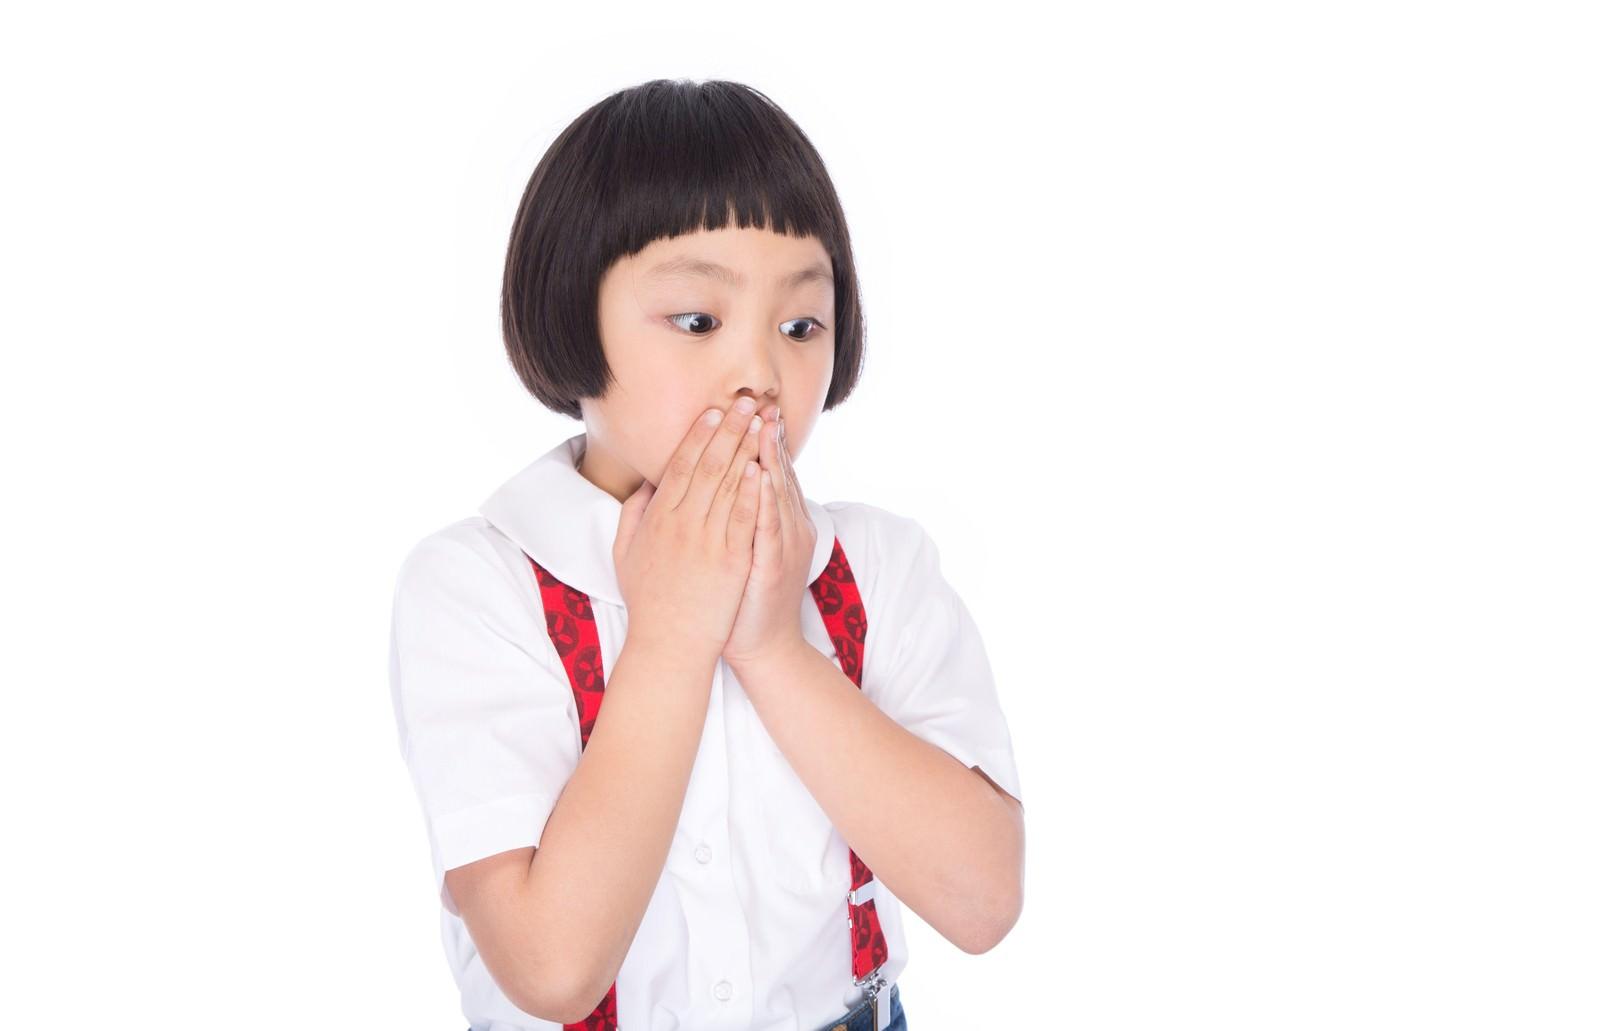 「両手で口を塞ぎ驚いた表情で何かを見つめる小さい女の子」の写真[モデル:ゆうき]